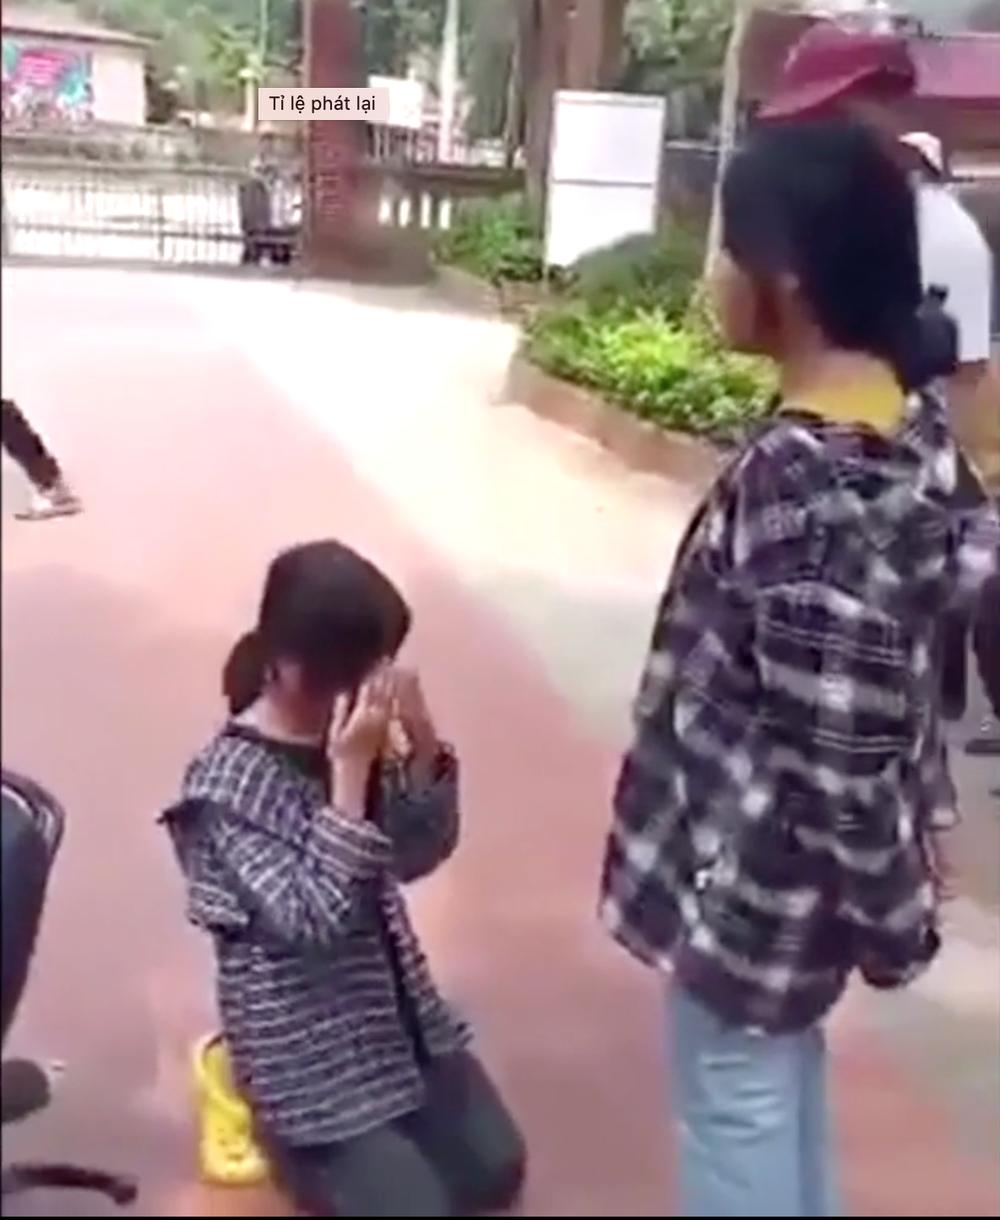 Nữ sinh bị anh trai của bạn tát liên tiếp, bắt quỳ gối ở sân trường xin lỗi - Ảnh 2.